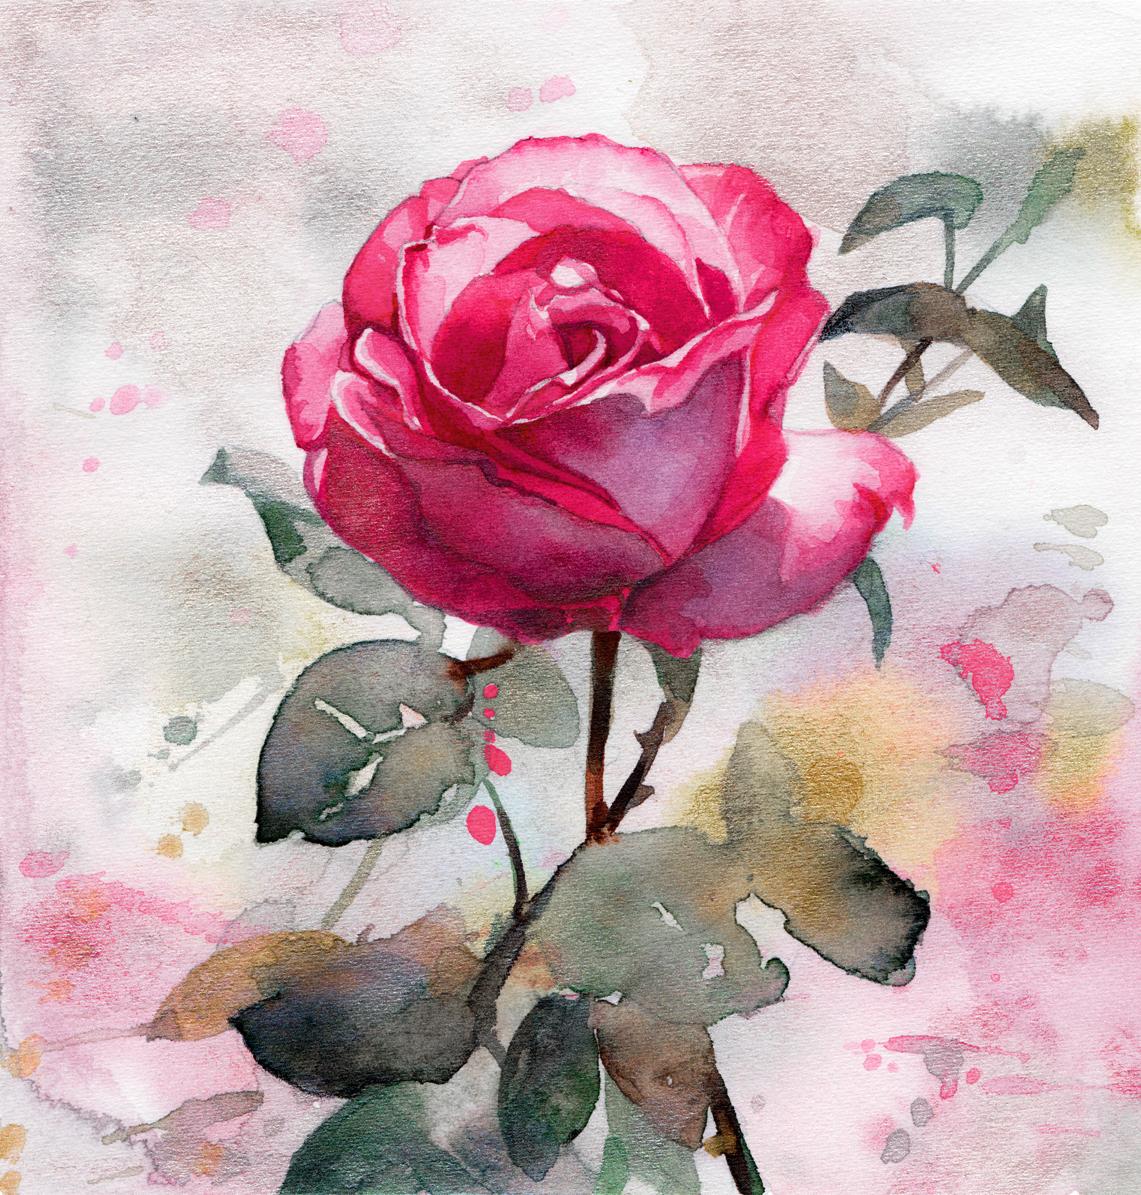 Original Watercolor Painting Study Of A Rose Lioba Bruckner